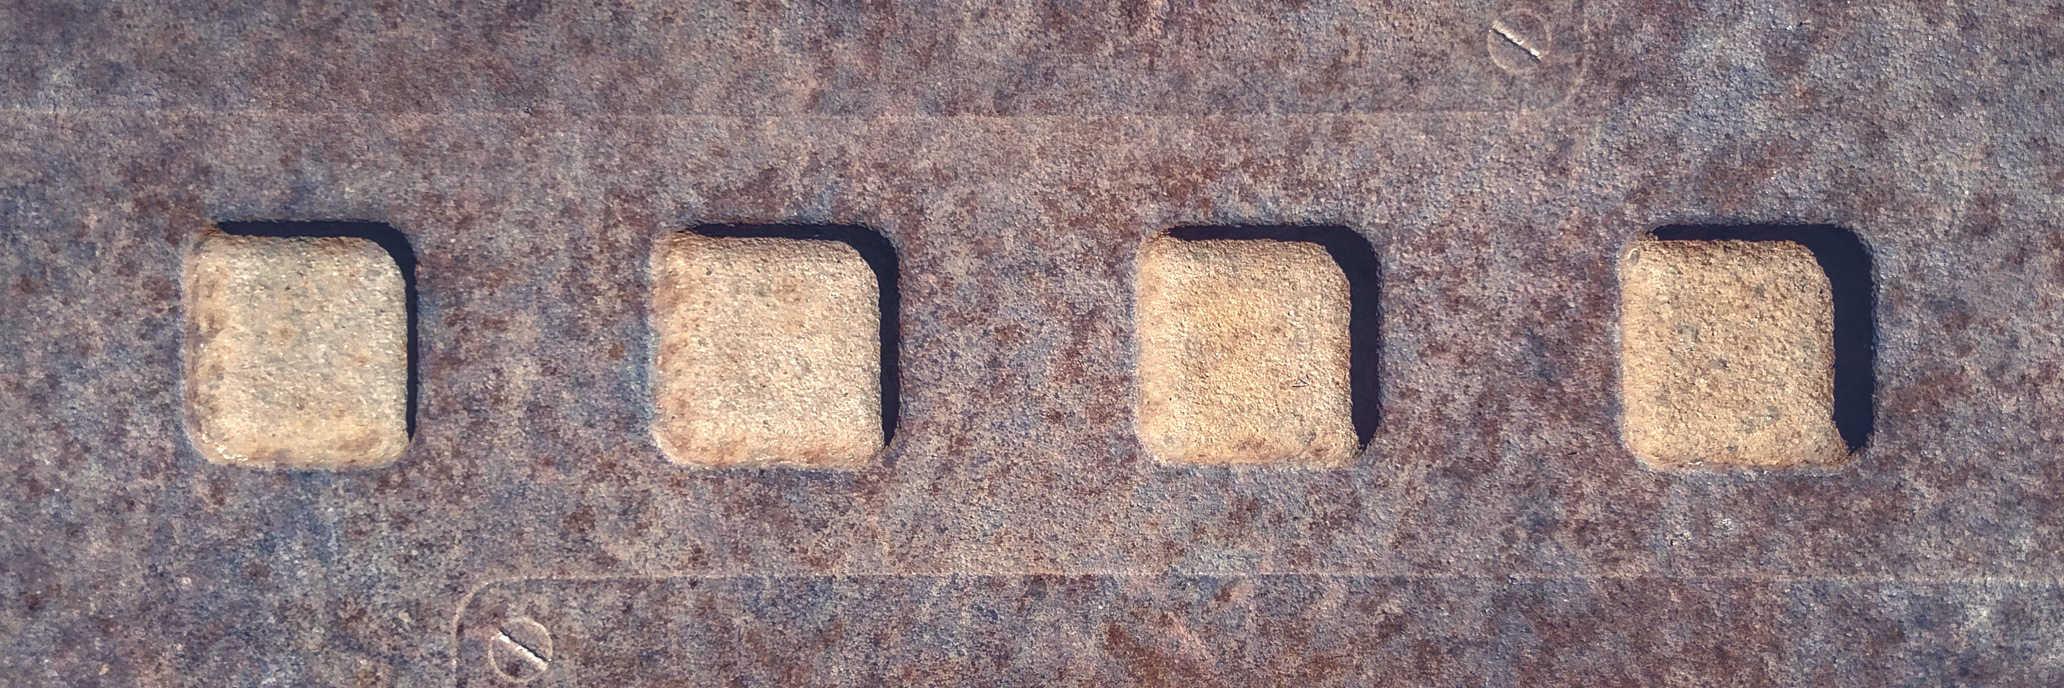 Twelve Squares